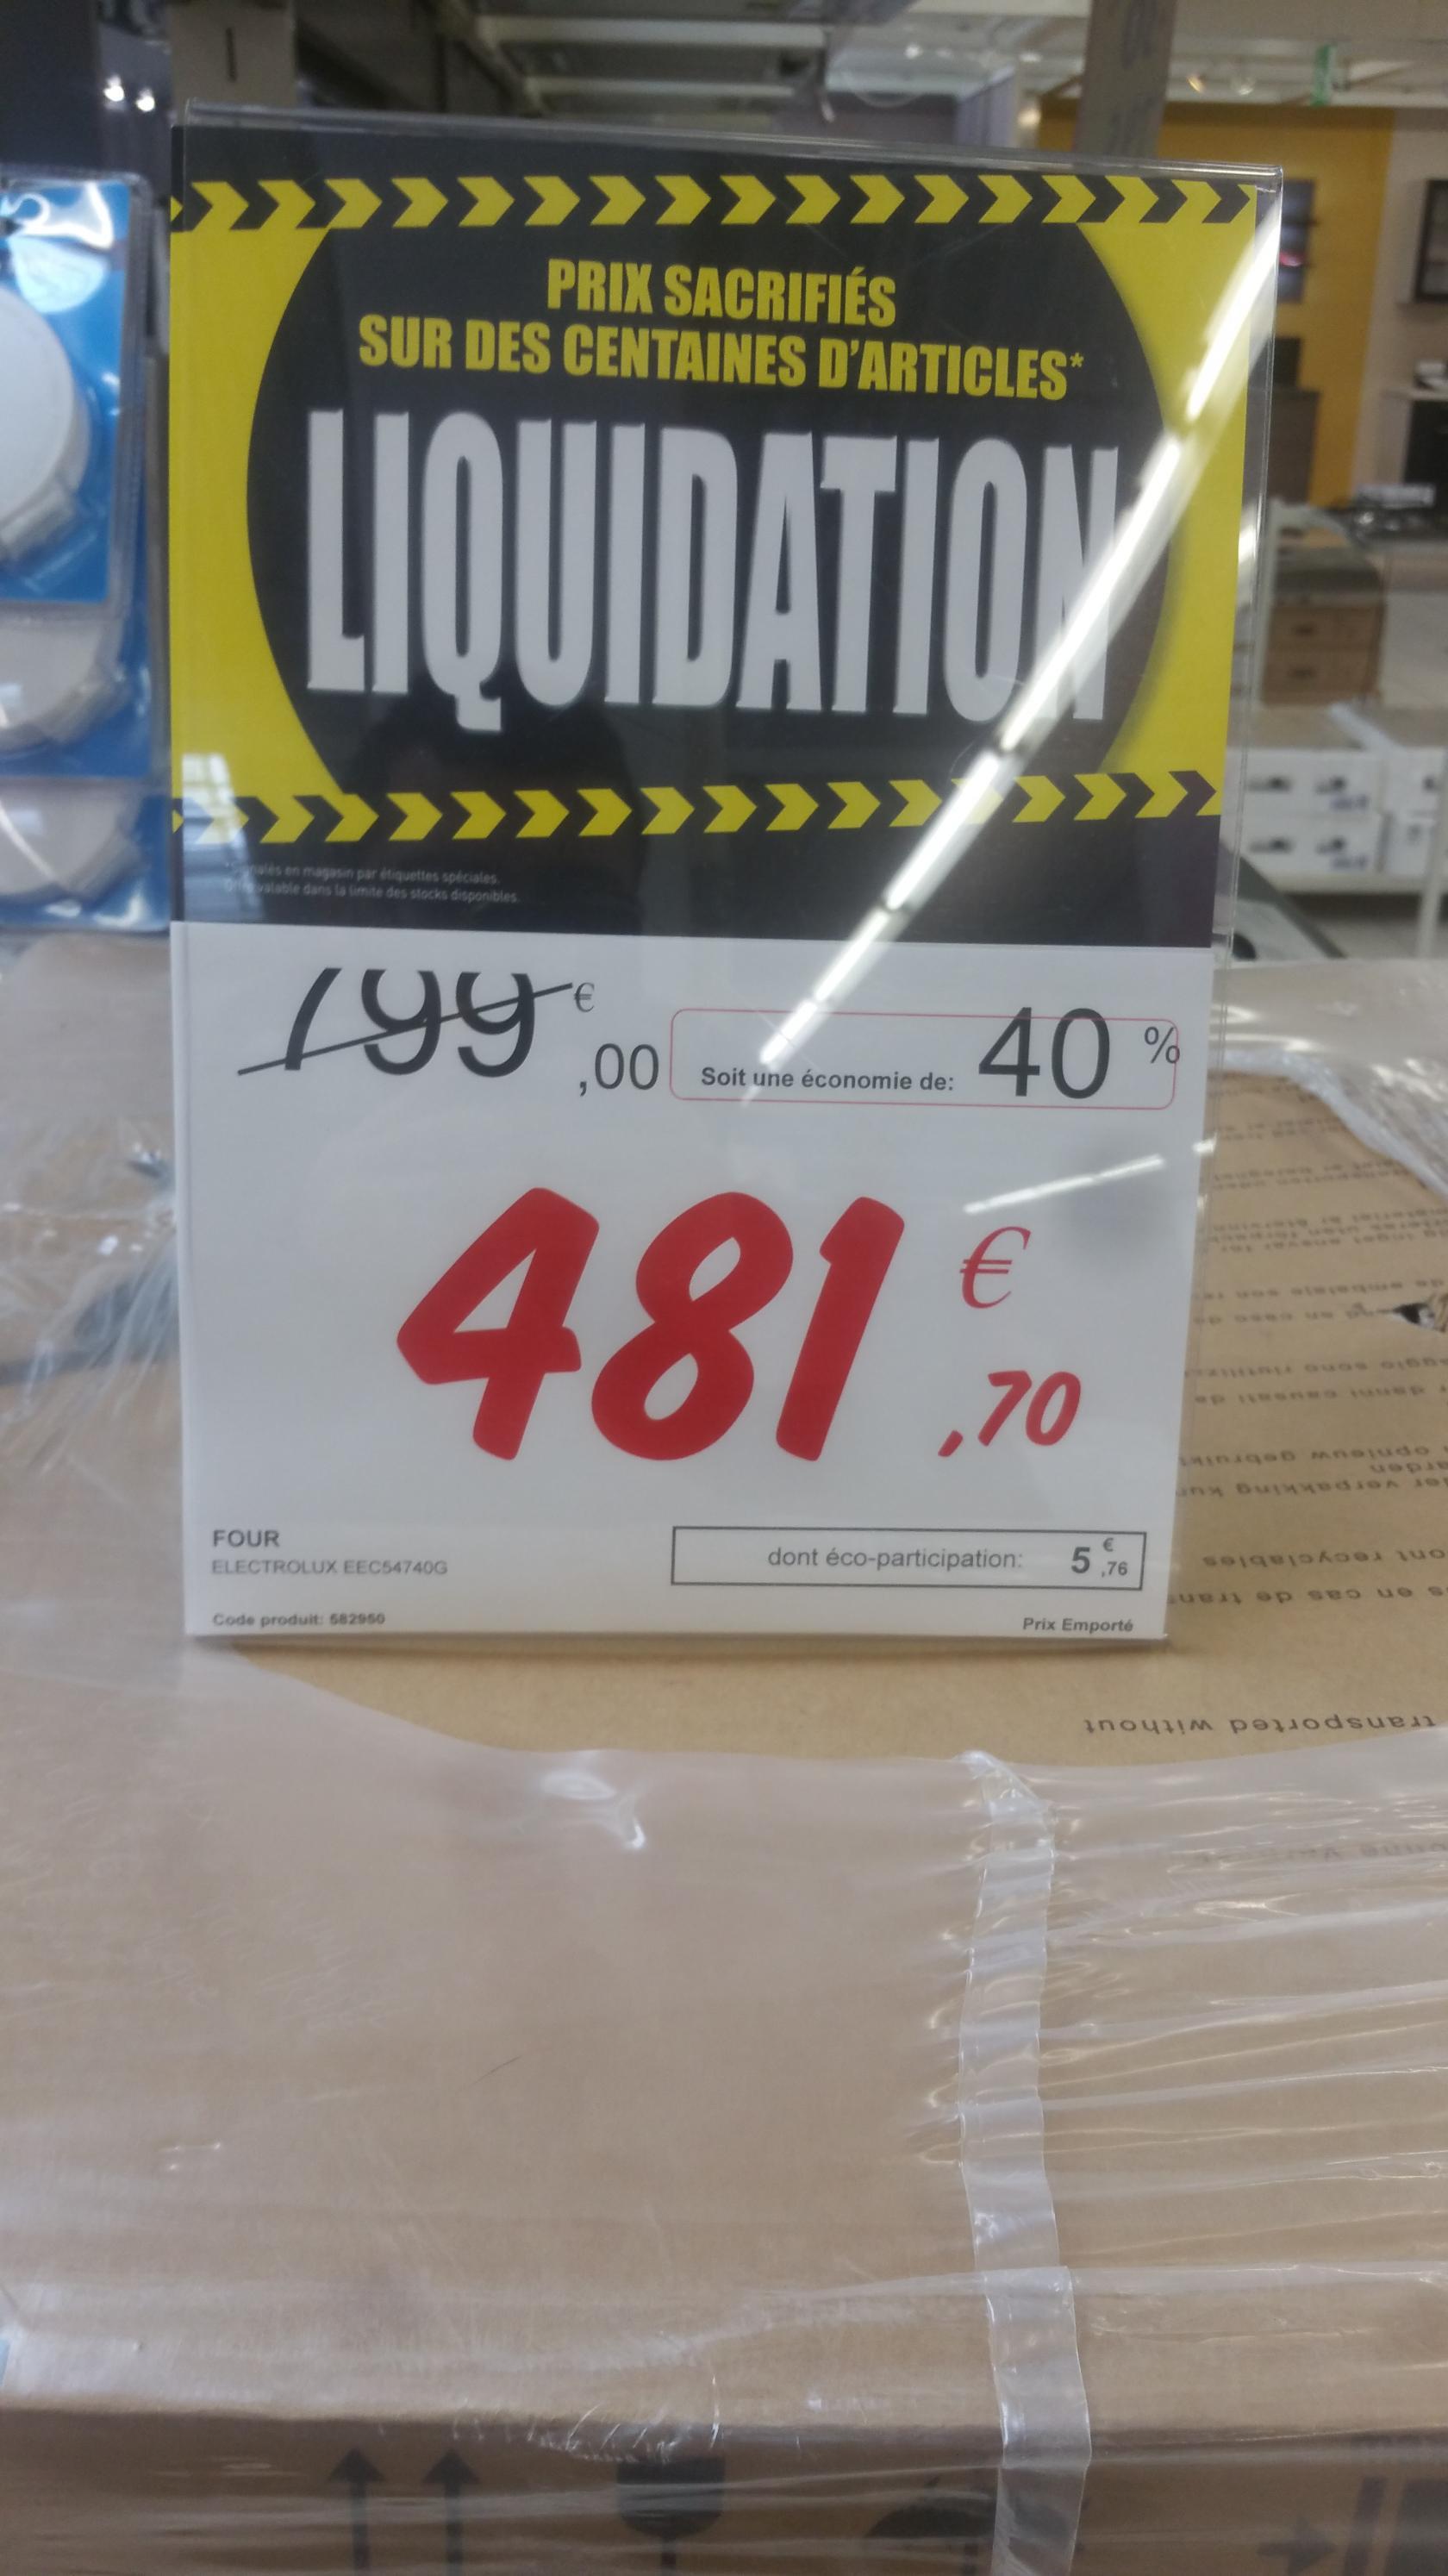 Four encastrable pyrolyse  Electrolux  EEC54740G (via ODR 50€)